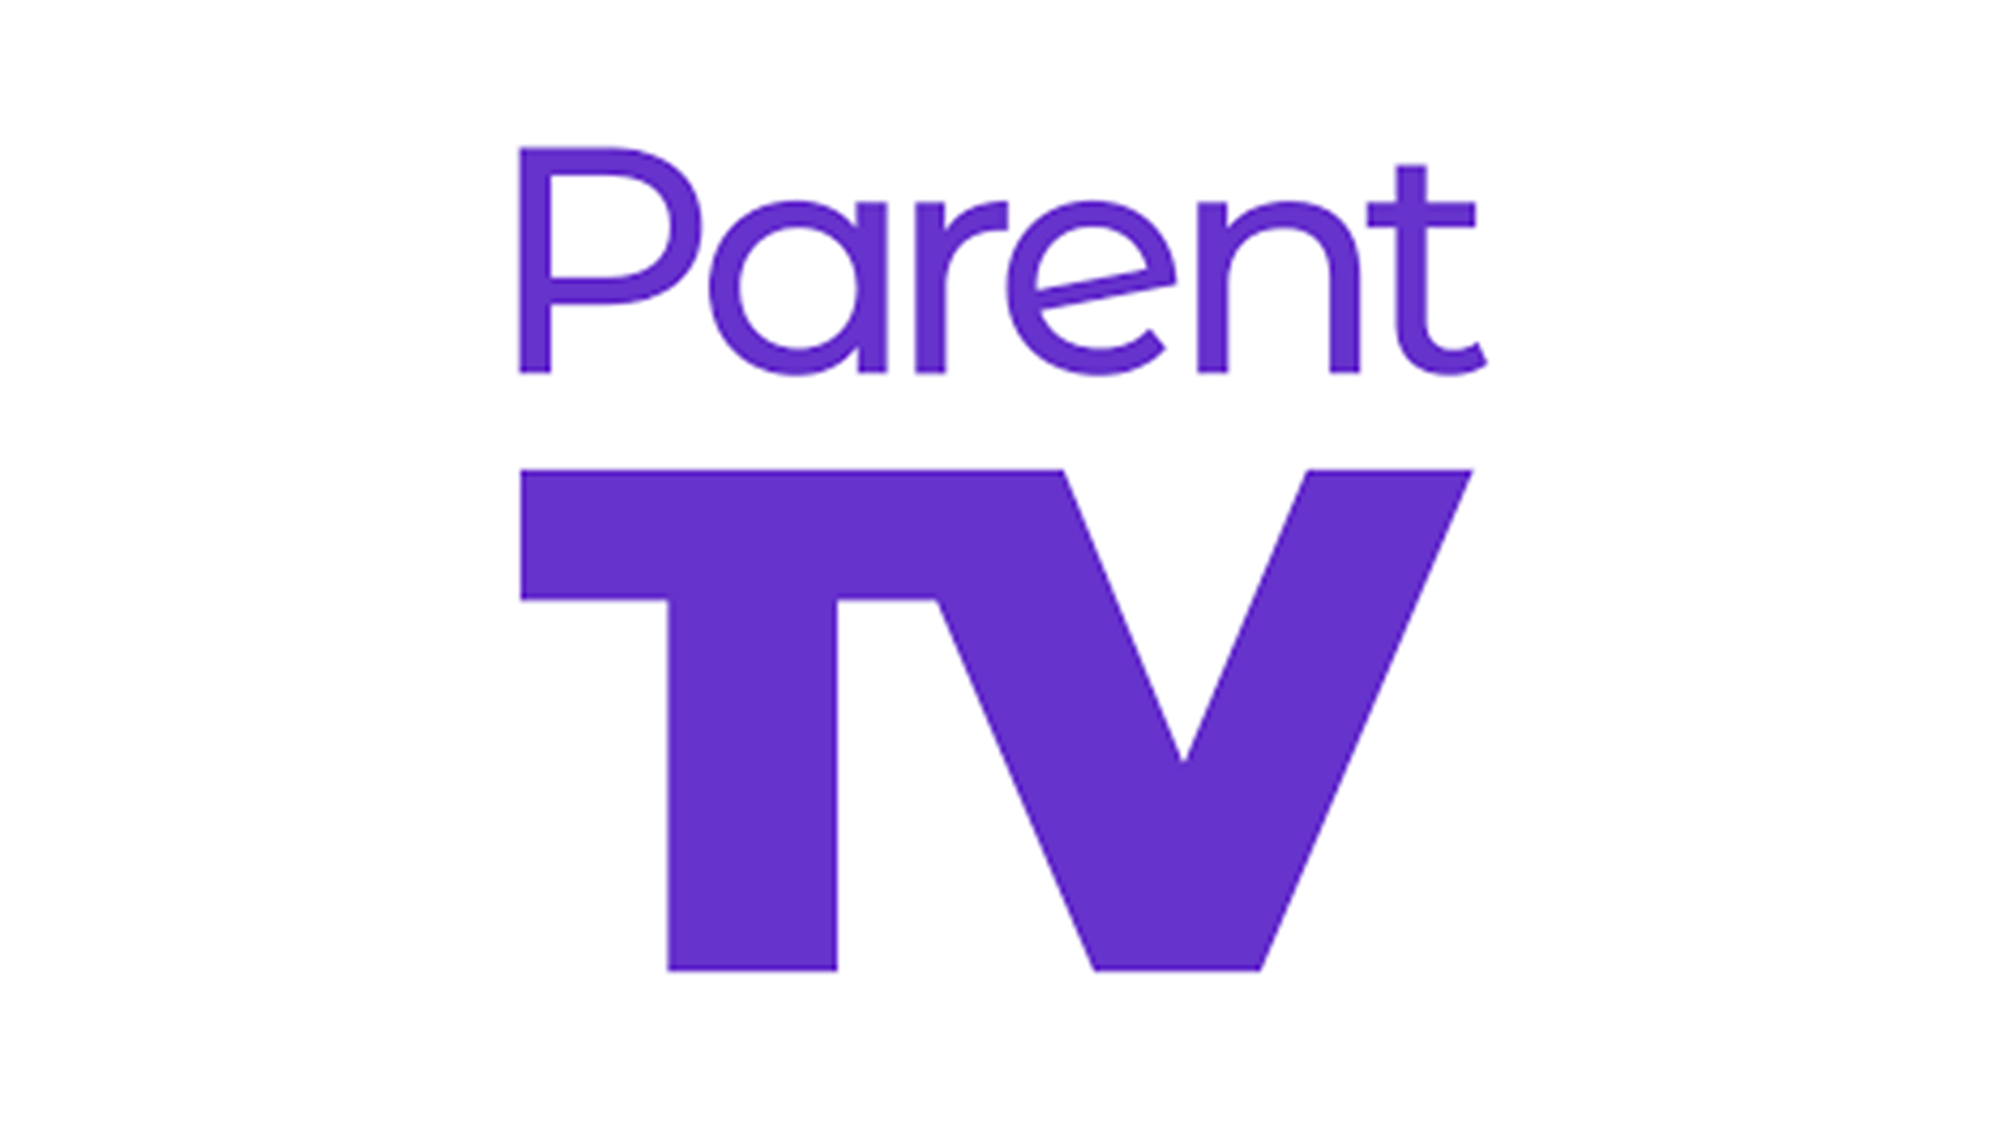 Parent TV logo